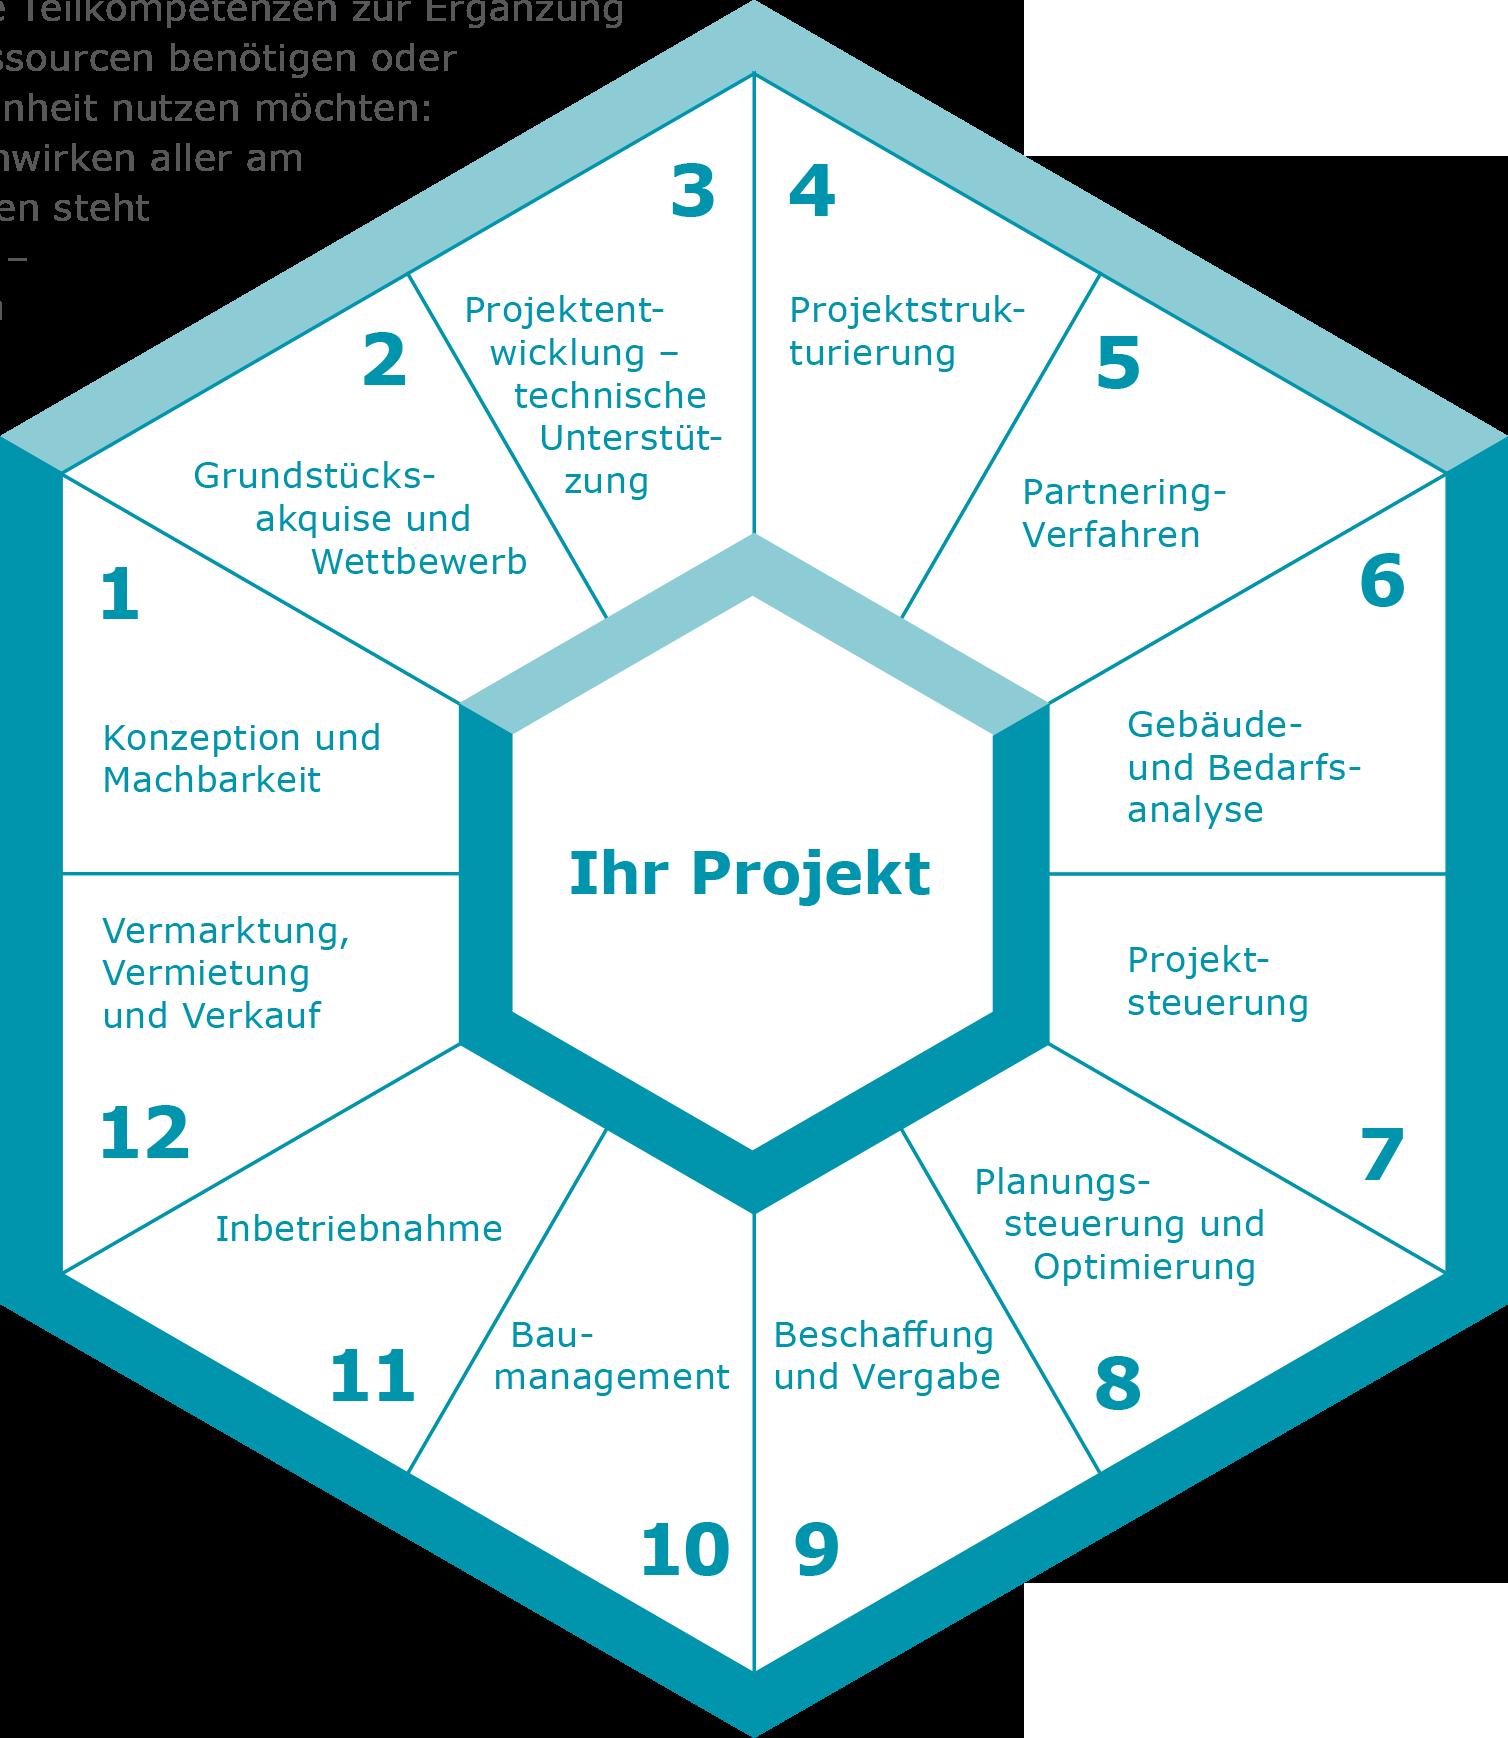 leistungsspektrum_hexagon_v1-2016